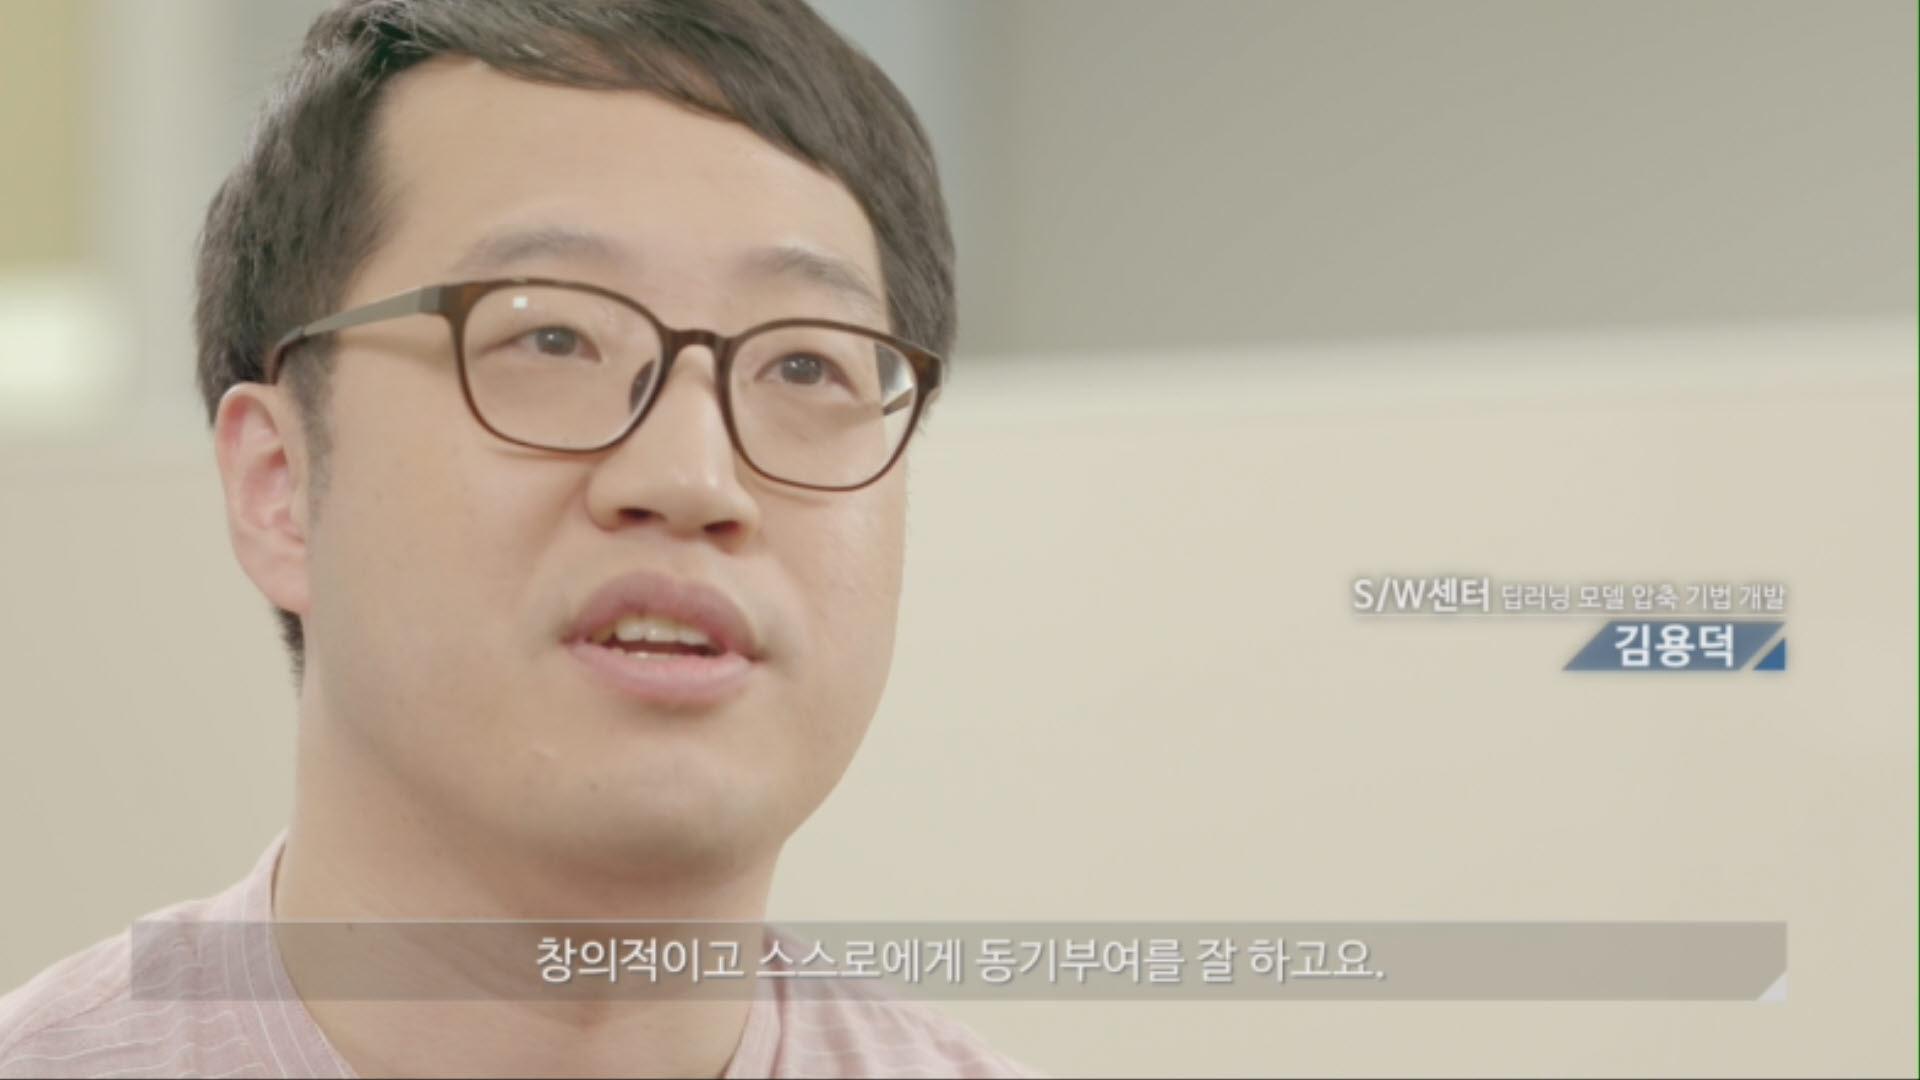 삼성전자 DS부문 채용 홍보 7